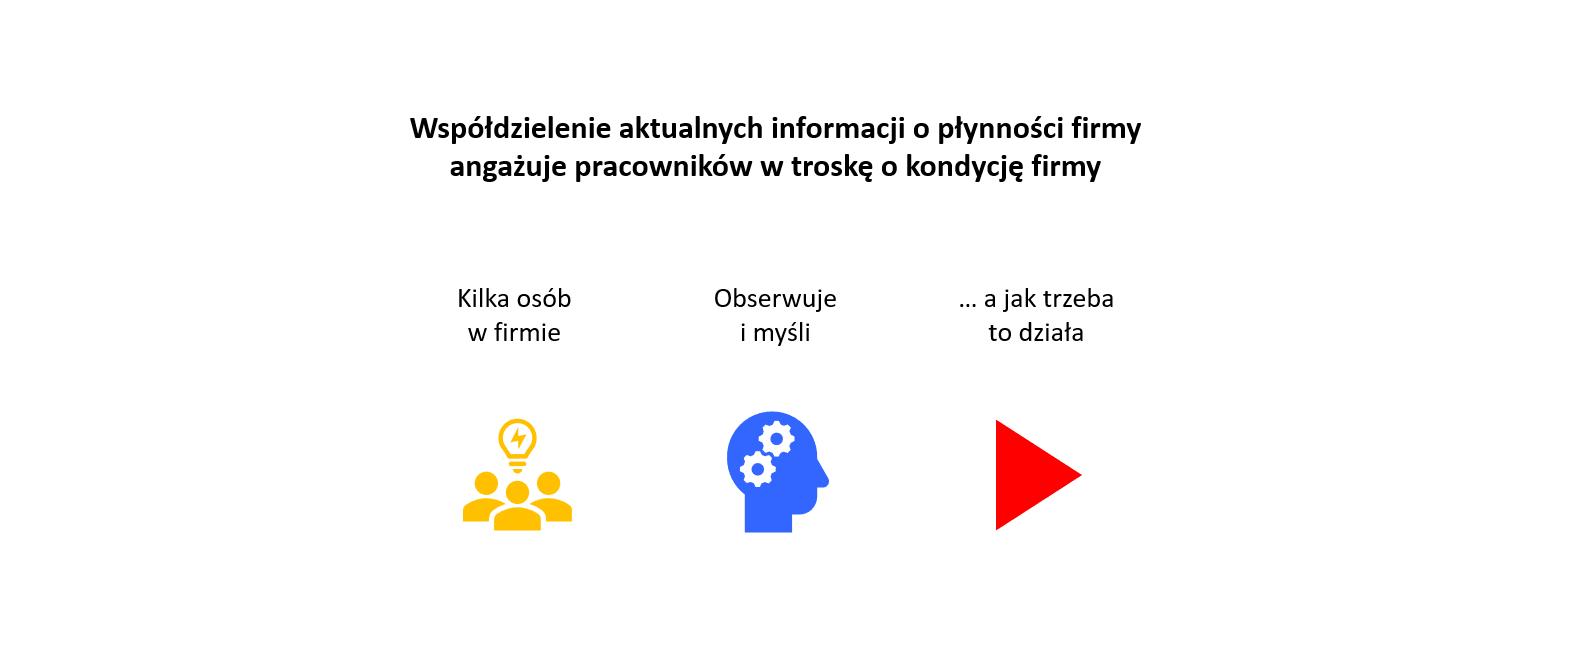 Współdzielenie informacji